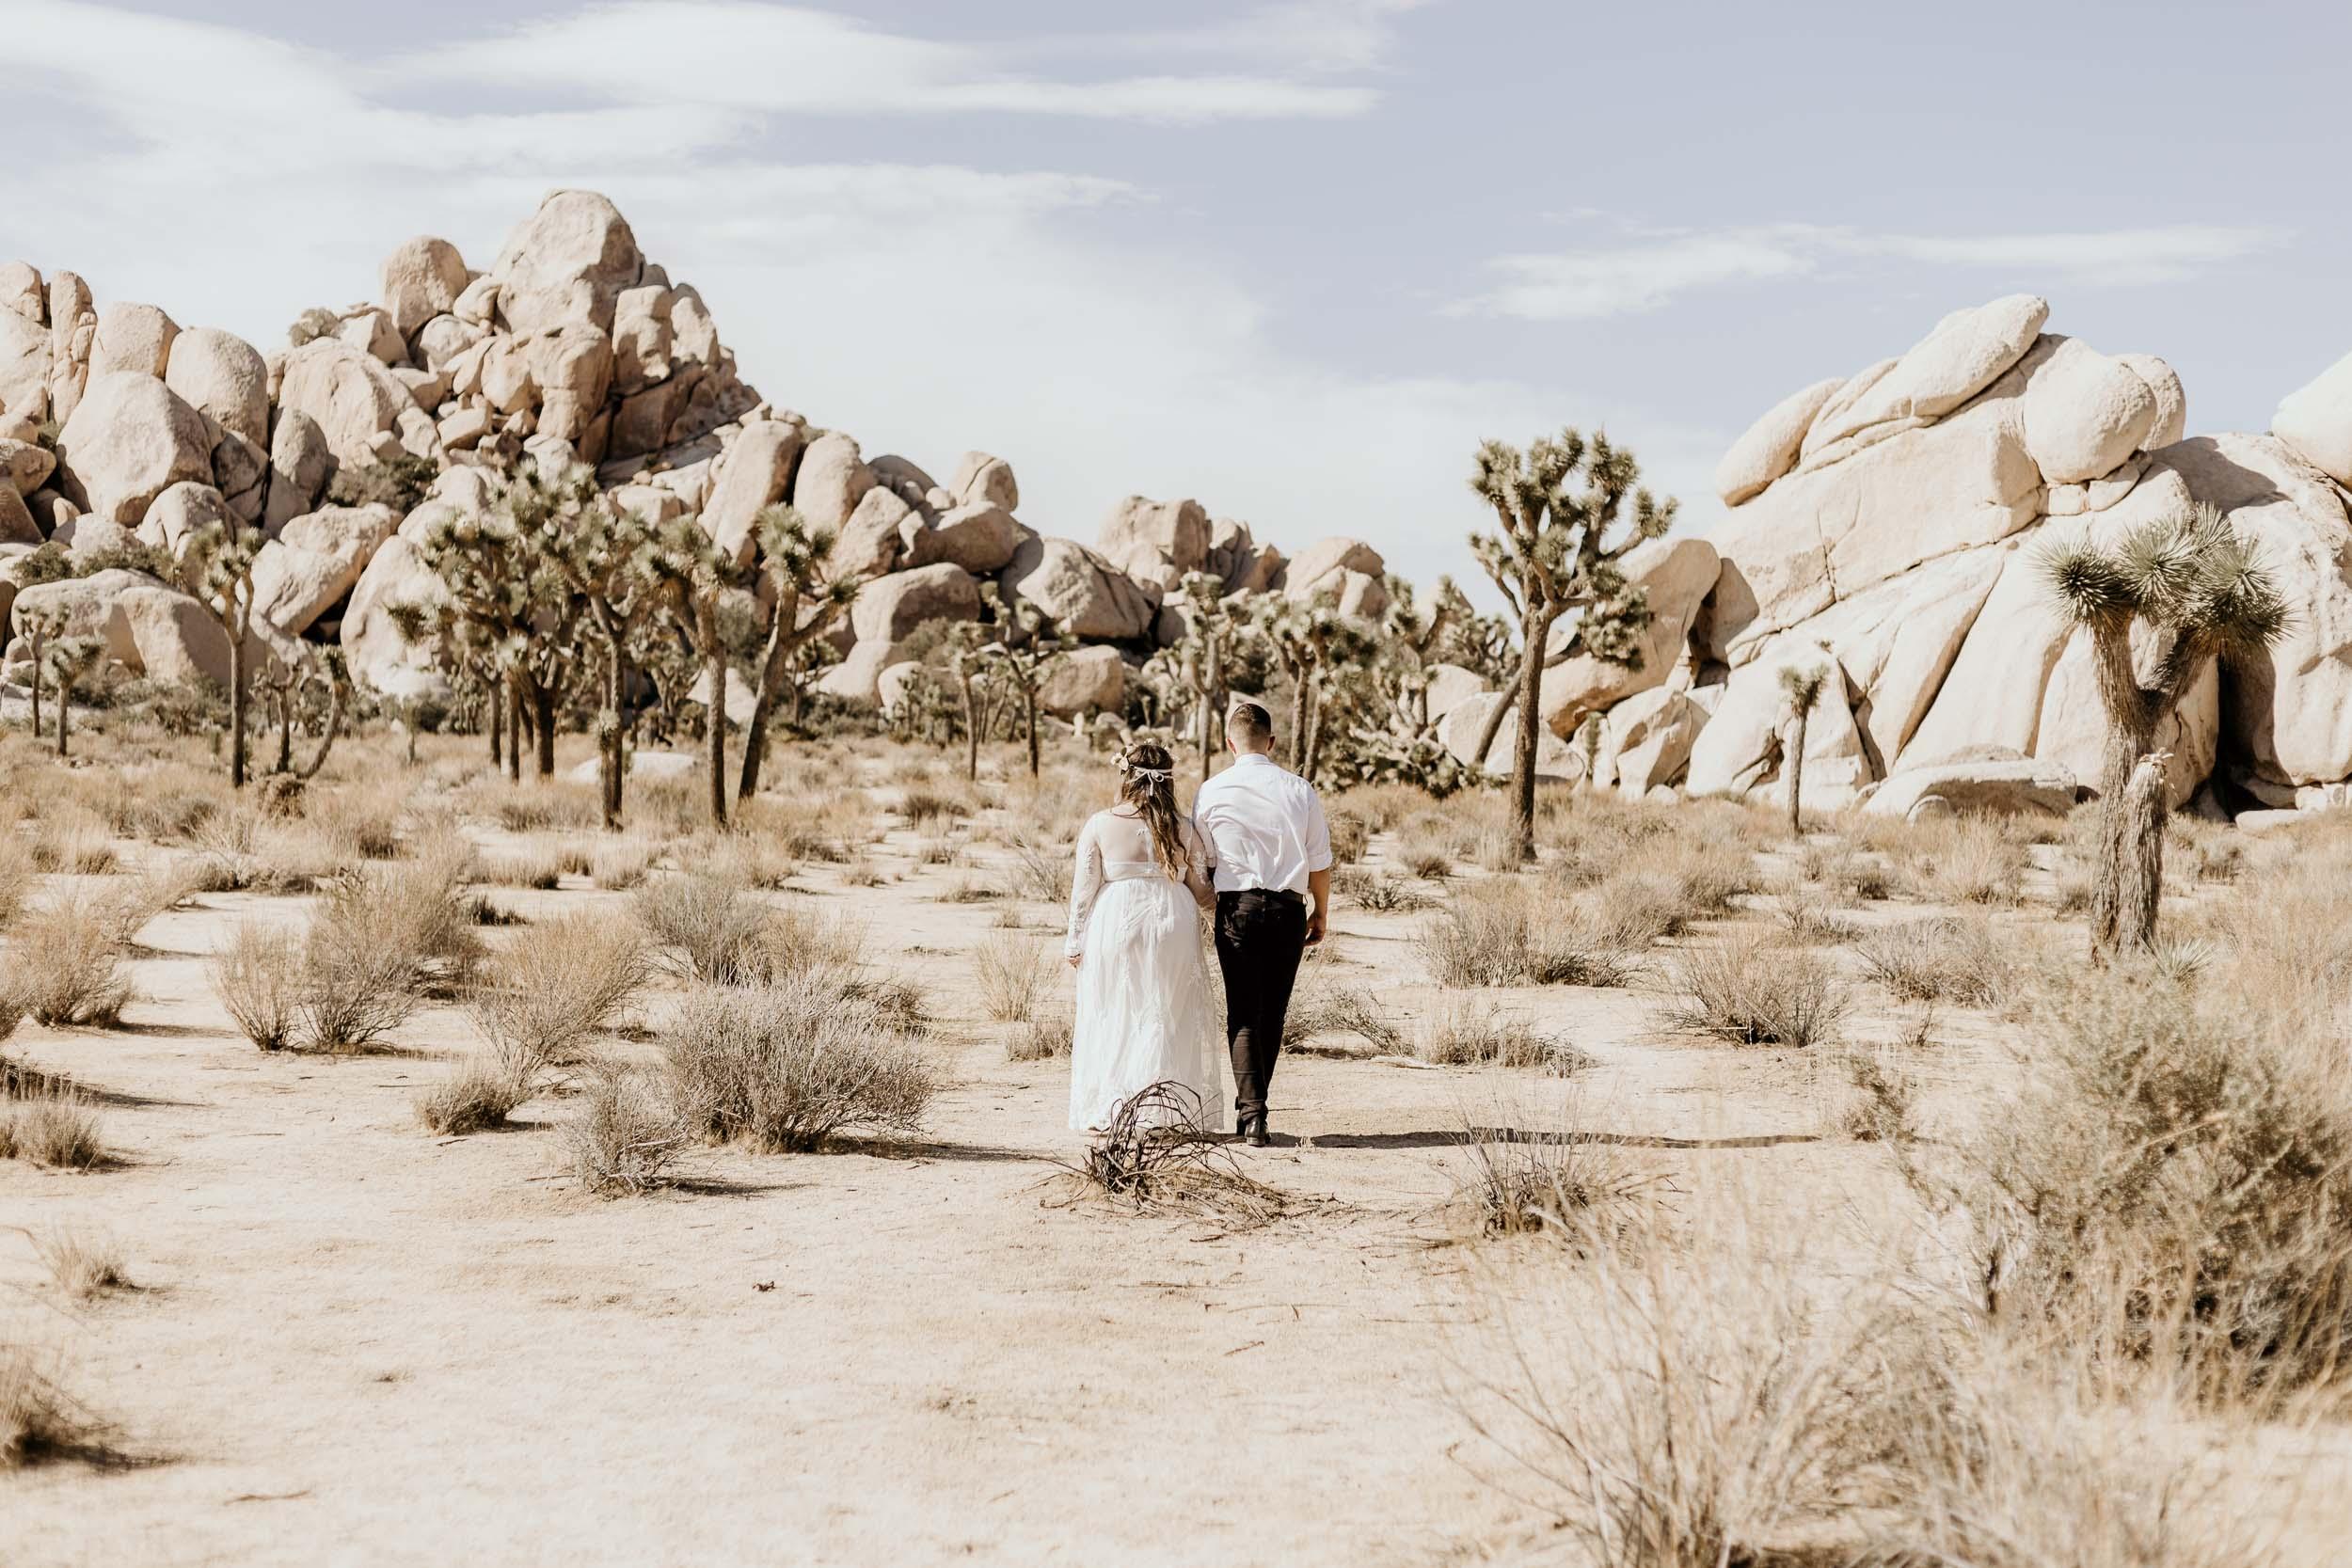 intimate-wedding-elopement-photographer-ottawa-joshua-tree-0395.jpg